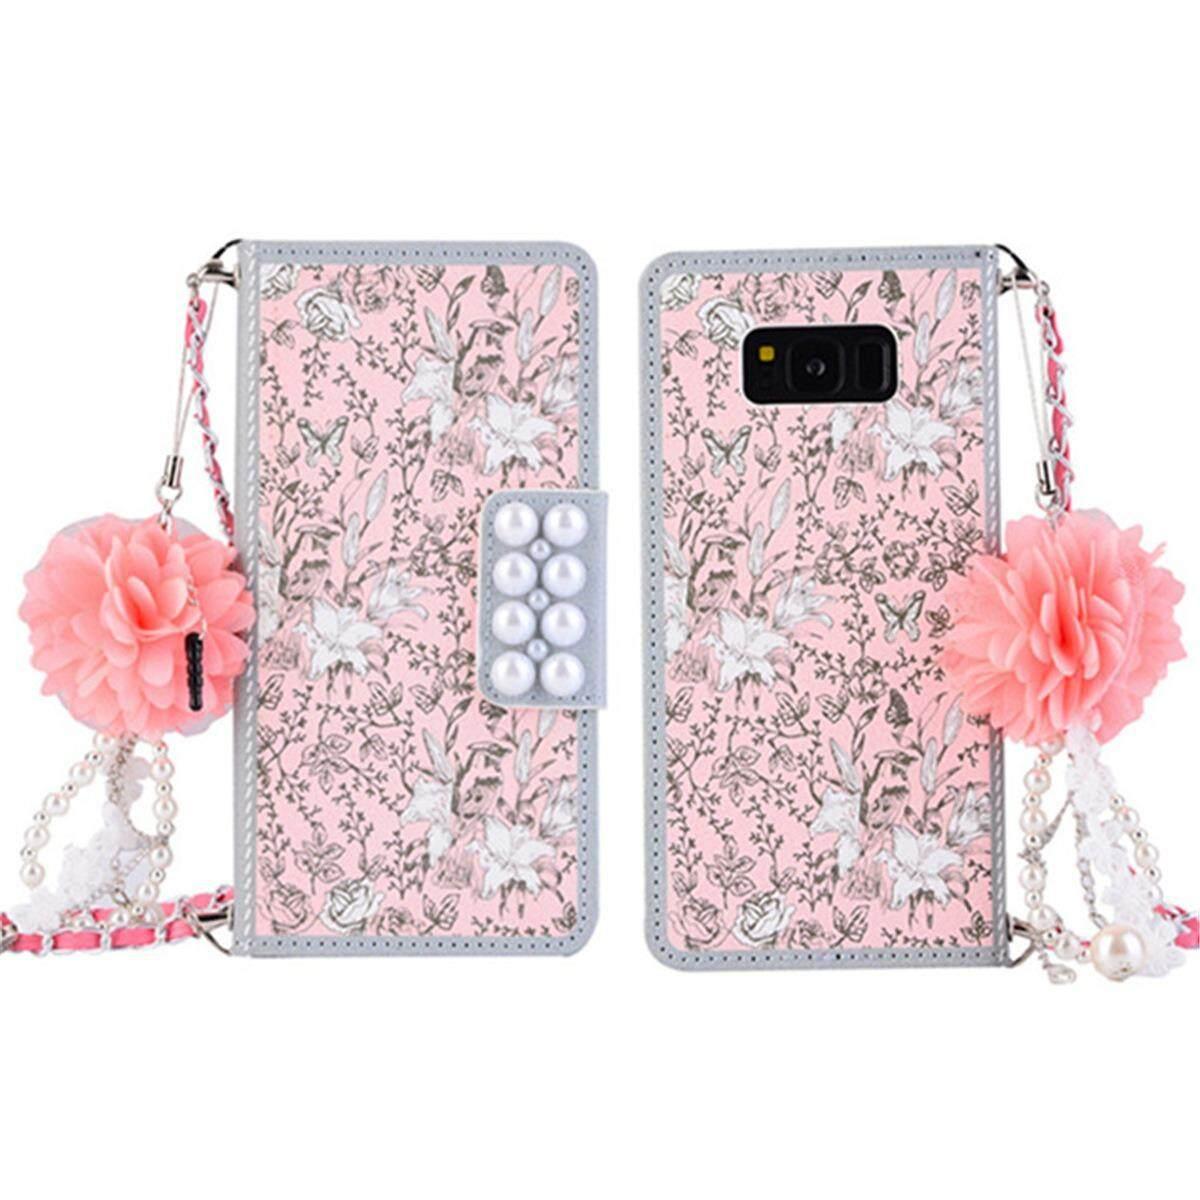 Untuk Samsung Galaksi S8 + & S8 Plus Dompet Kulit Case Tas Bunga PU Kulit Tas